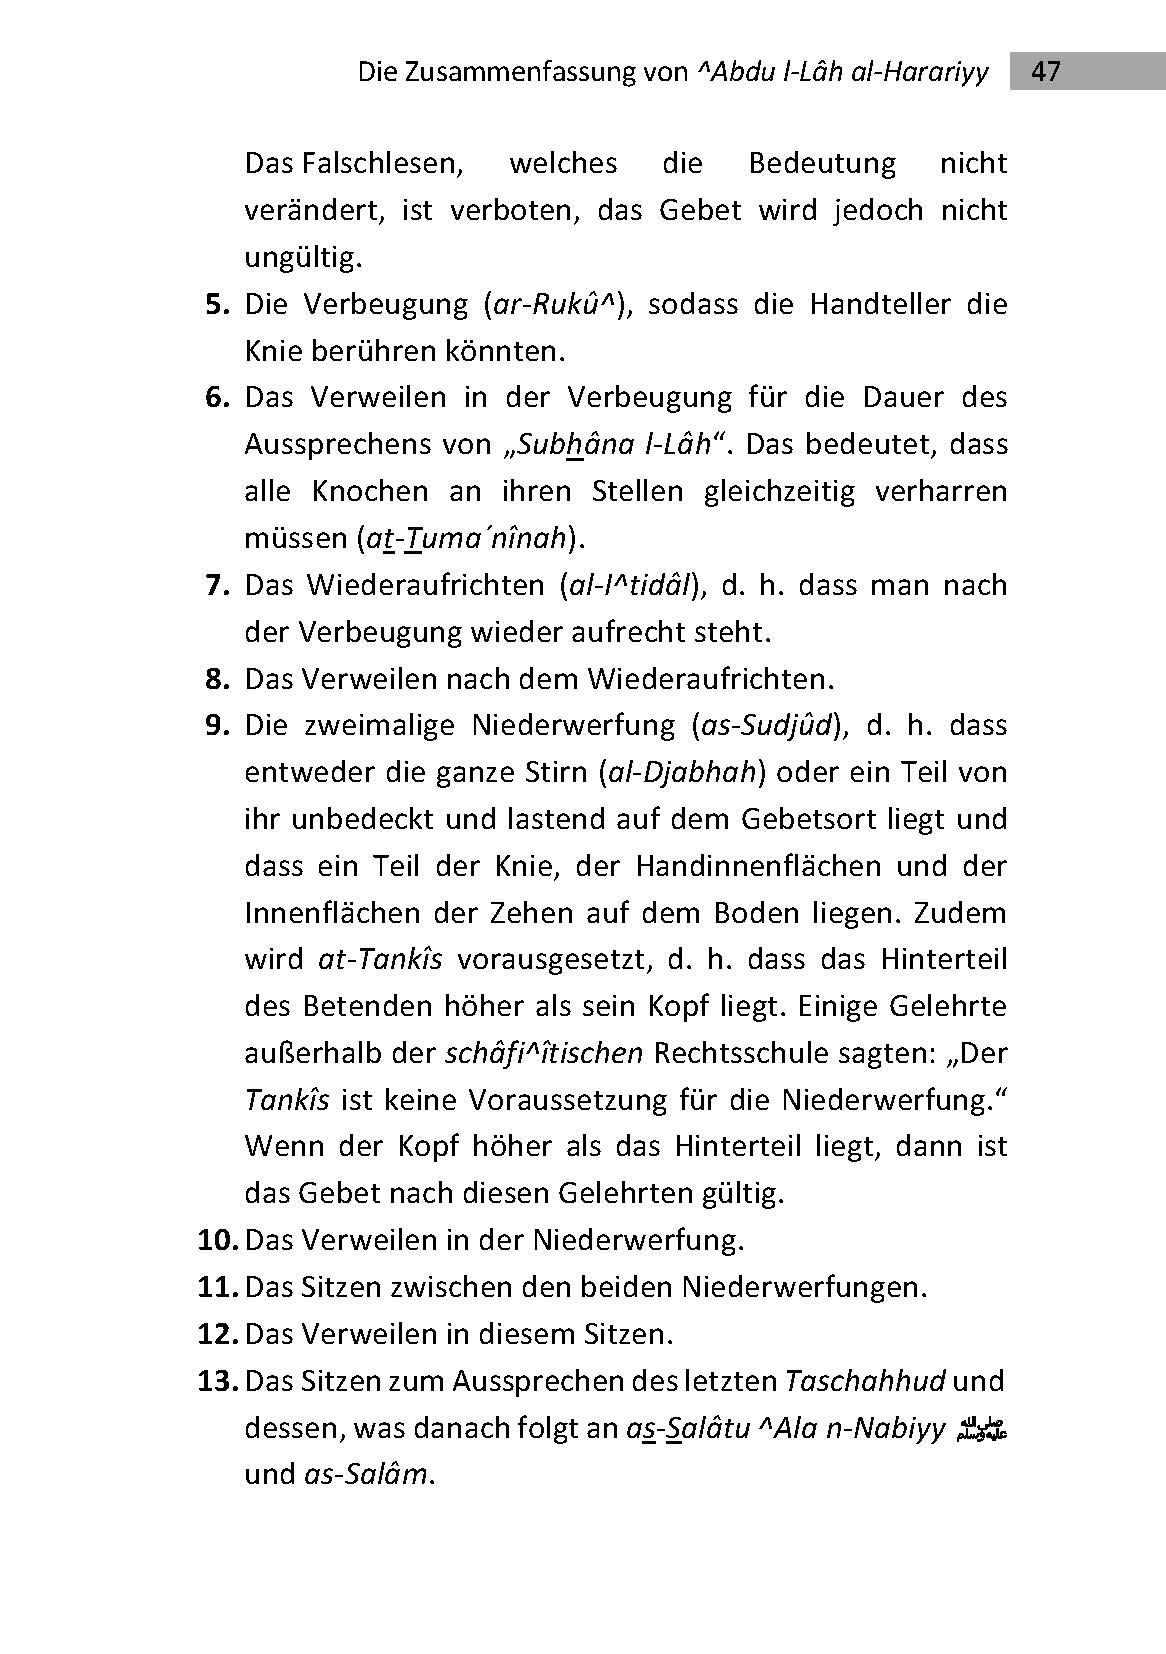 Die Zusammenfassung - 3. Auflage 2014_Seite_47